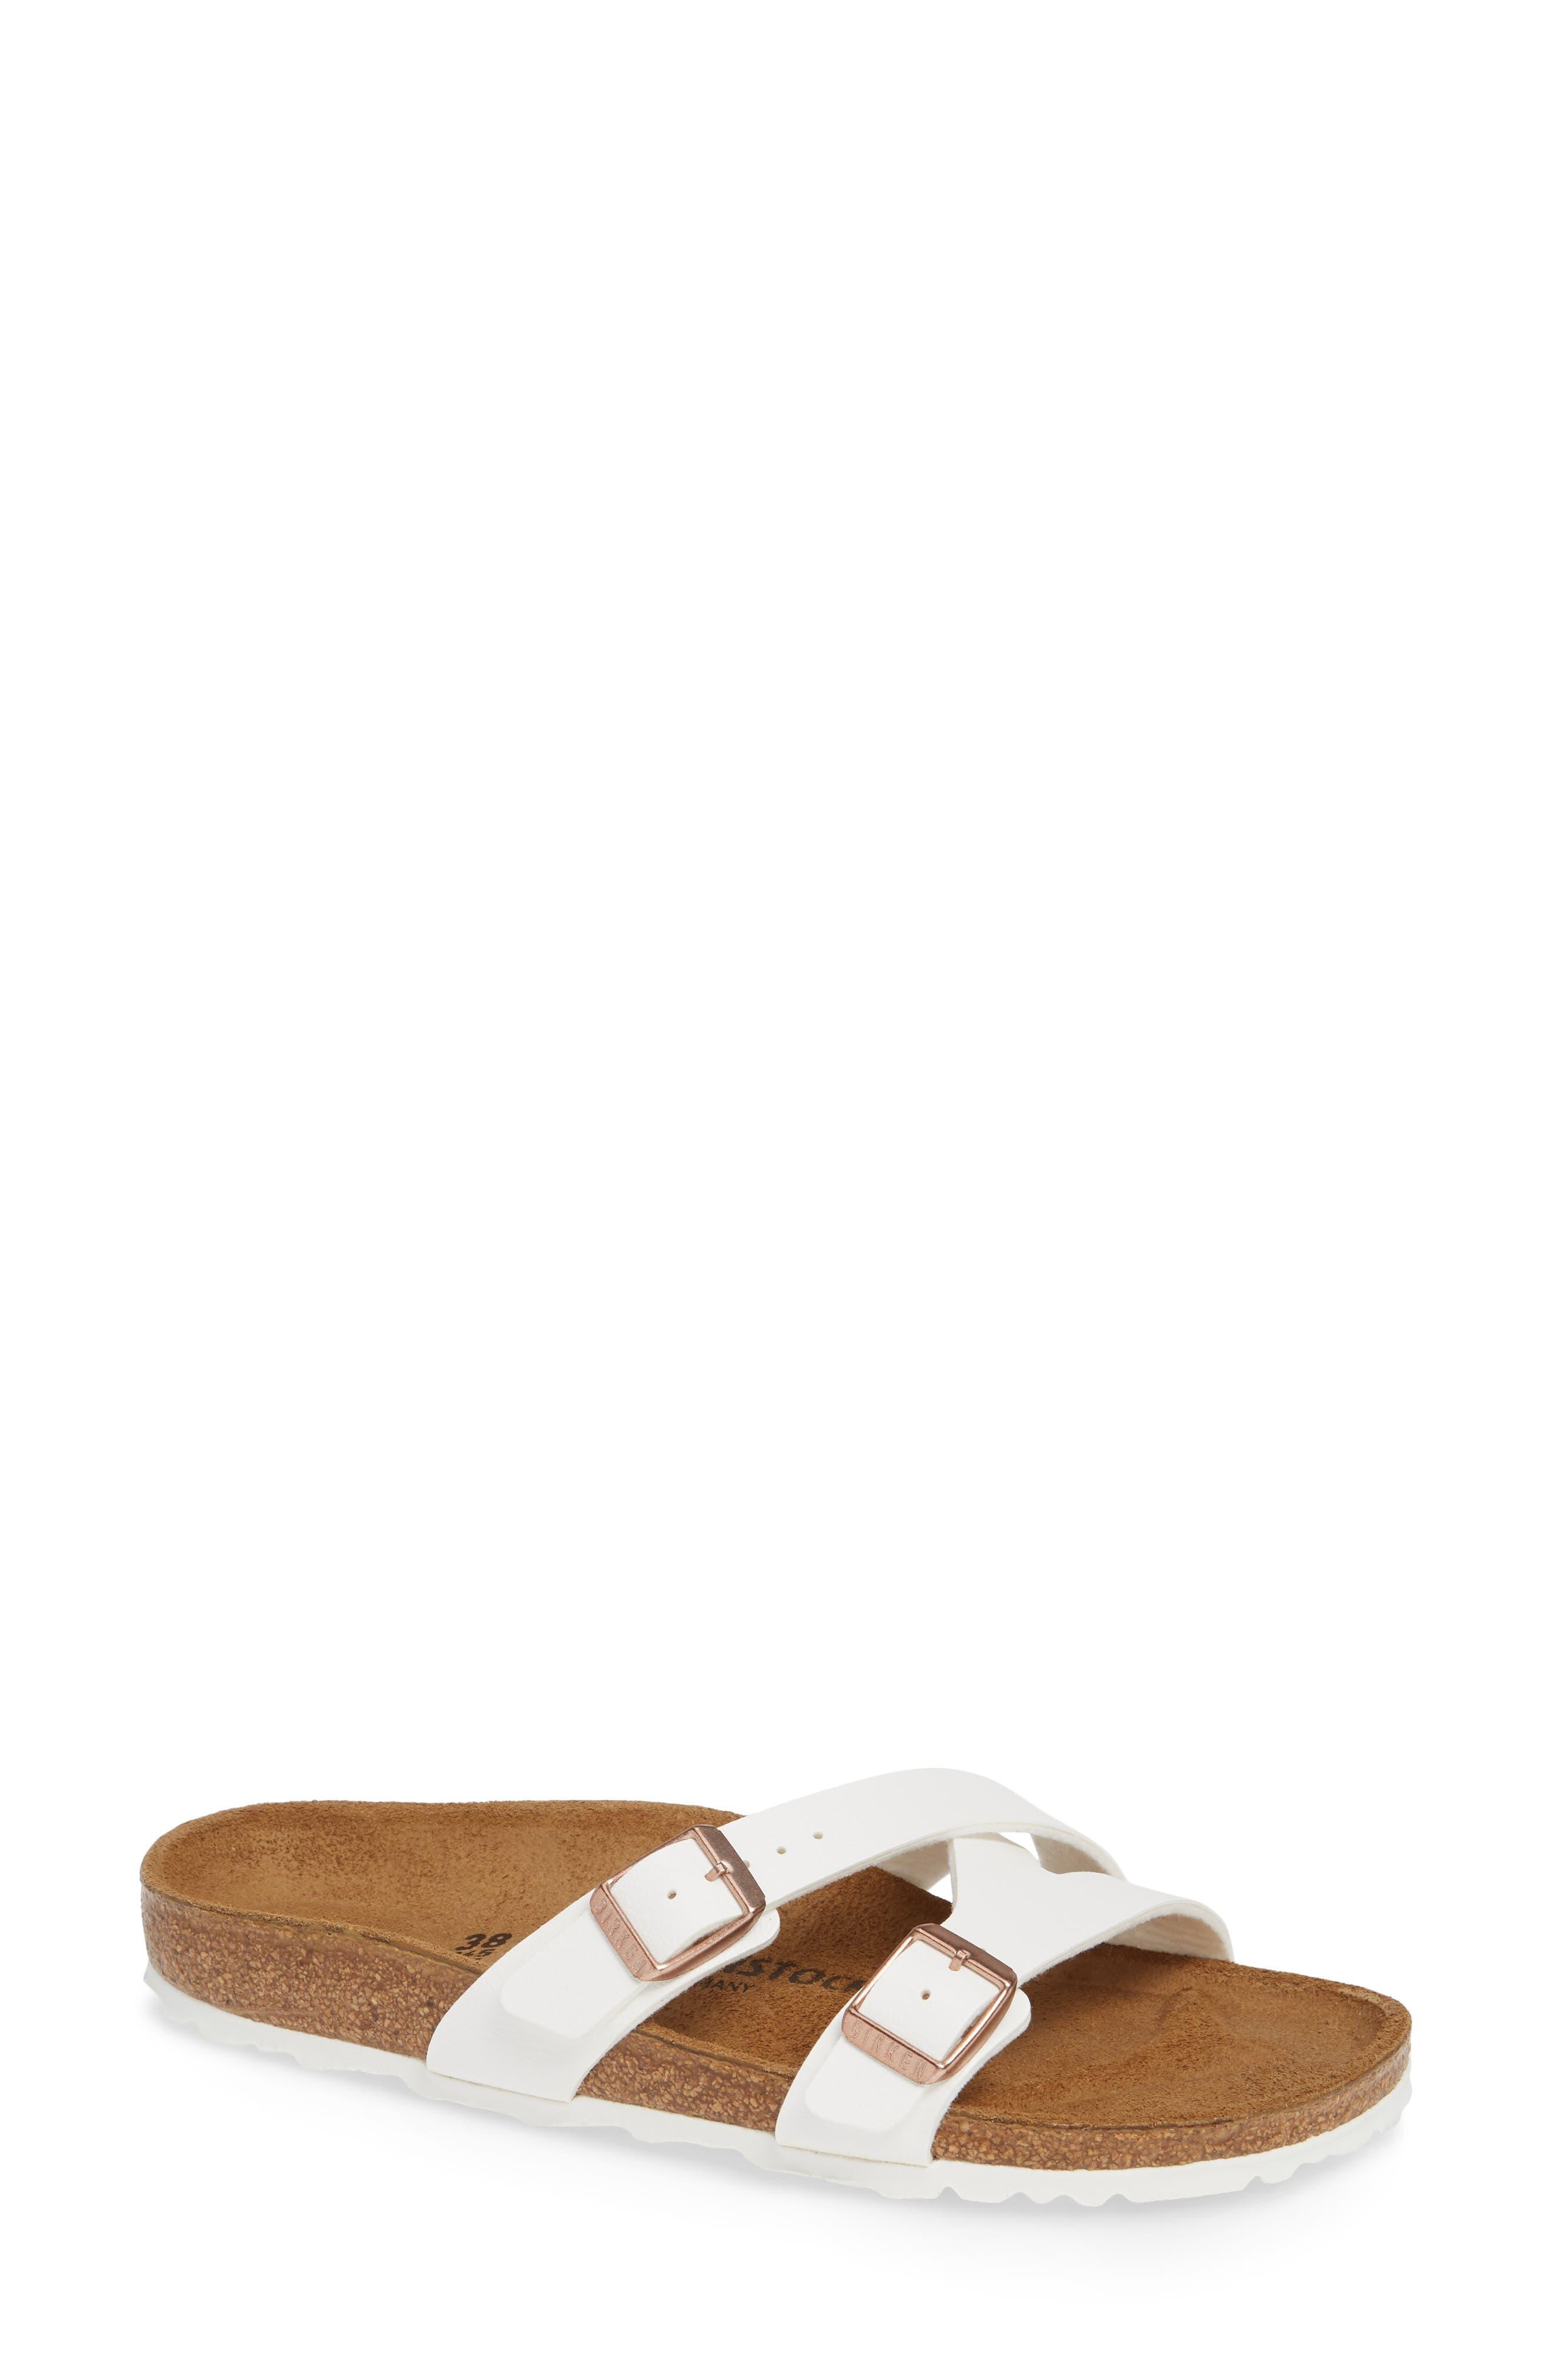 BIRKENSTOCK Yao Slide Sandal, Main, color, WHITE